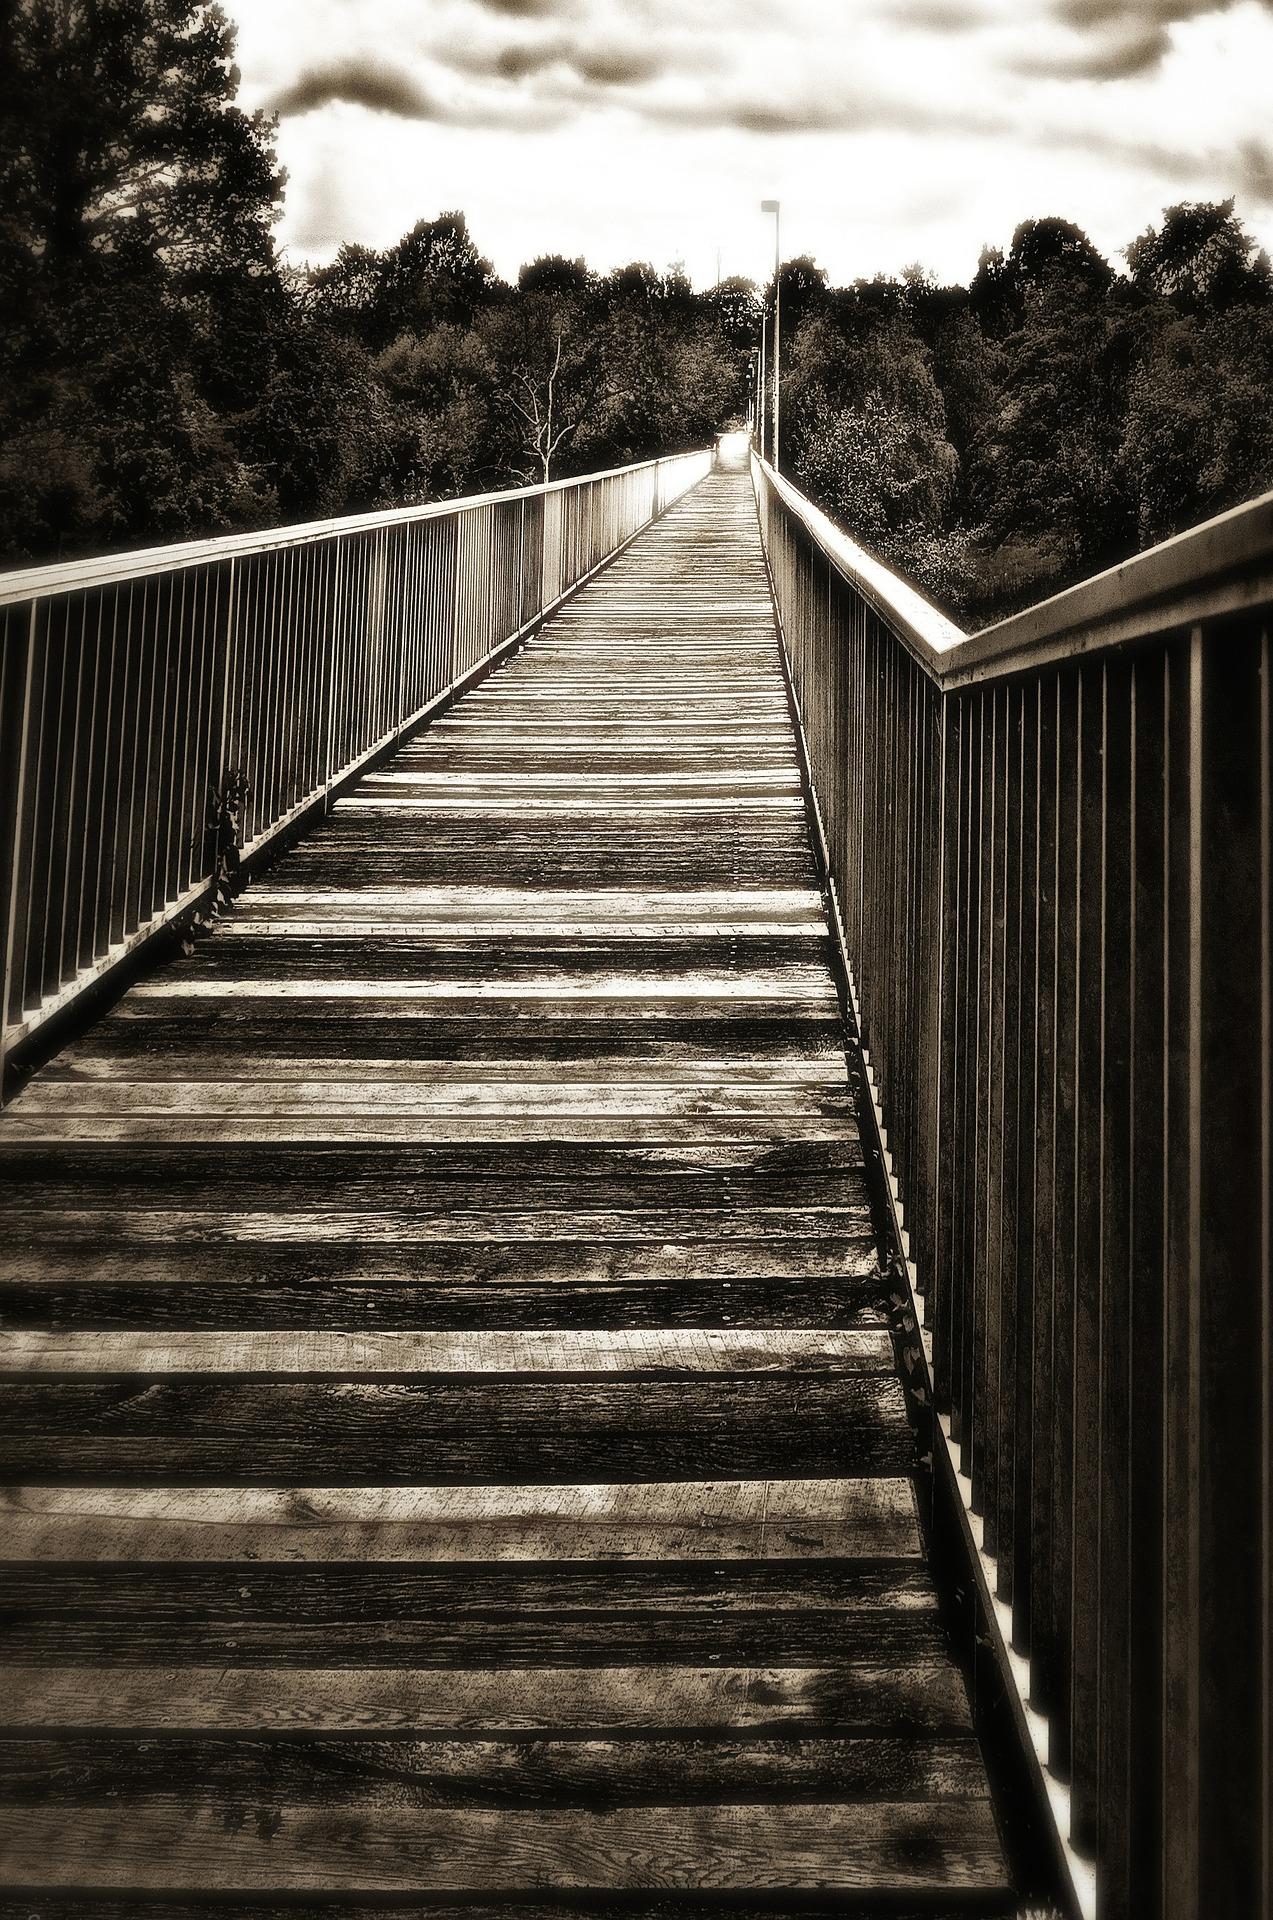 bridge-621522_1920.jpg